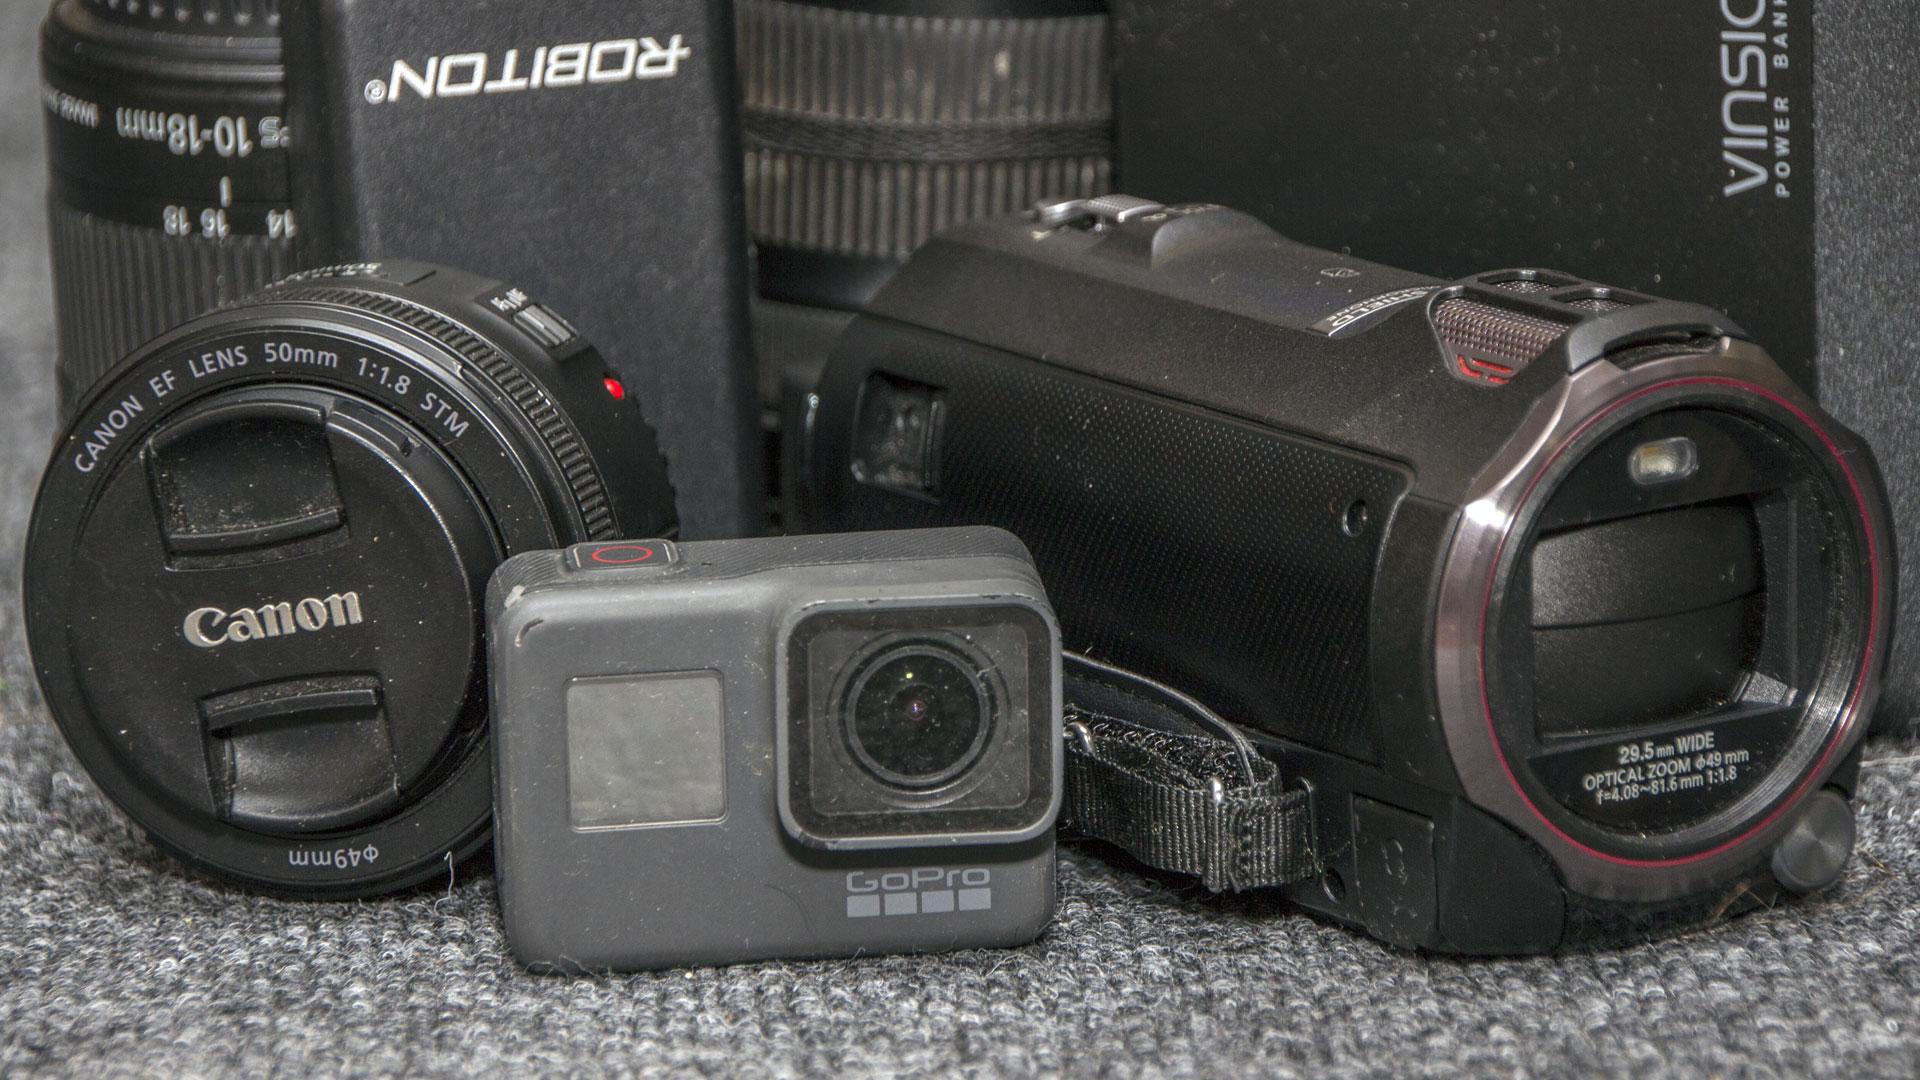 Гаджеты для путешествия: зарядные устройства, фото- видеоаппаратура, экшн-камеры, зарядные устройства